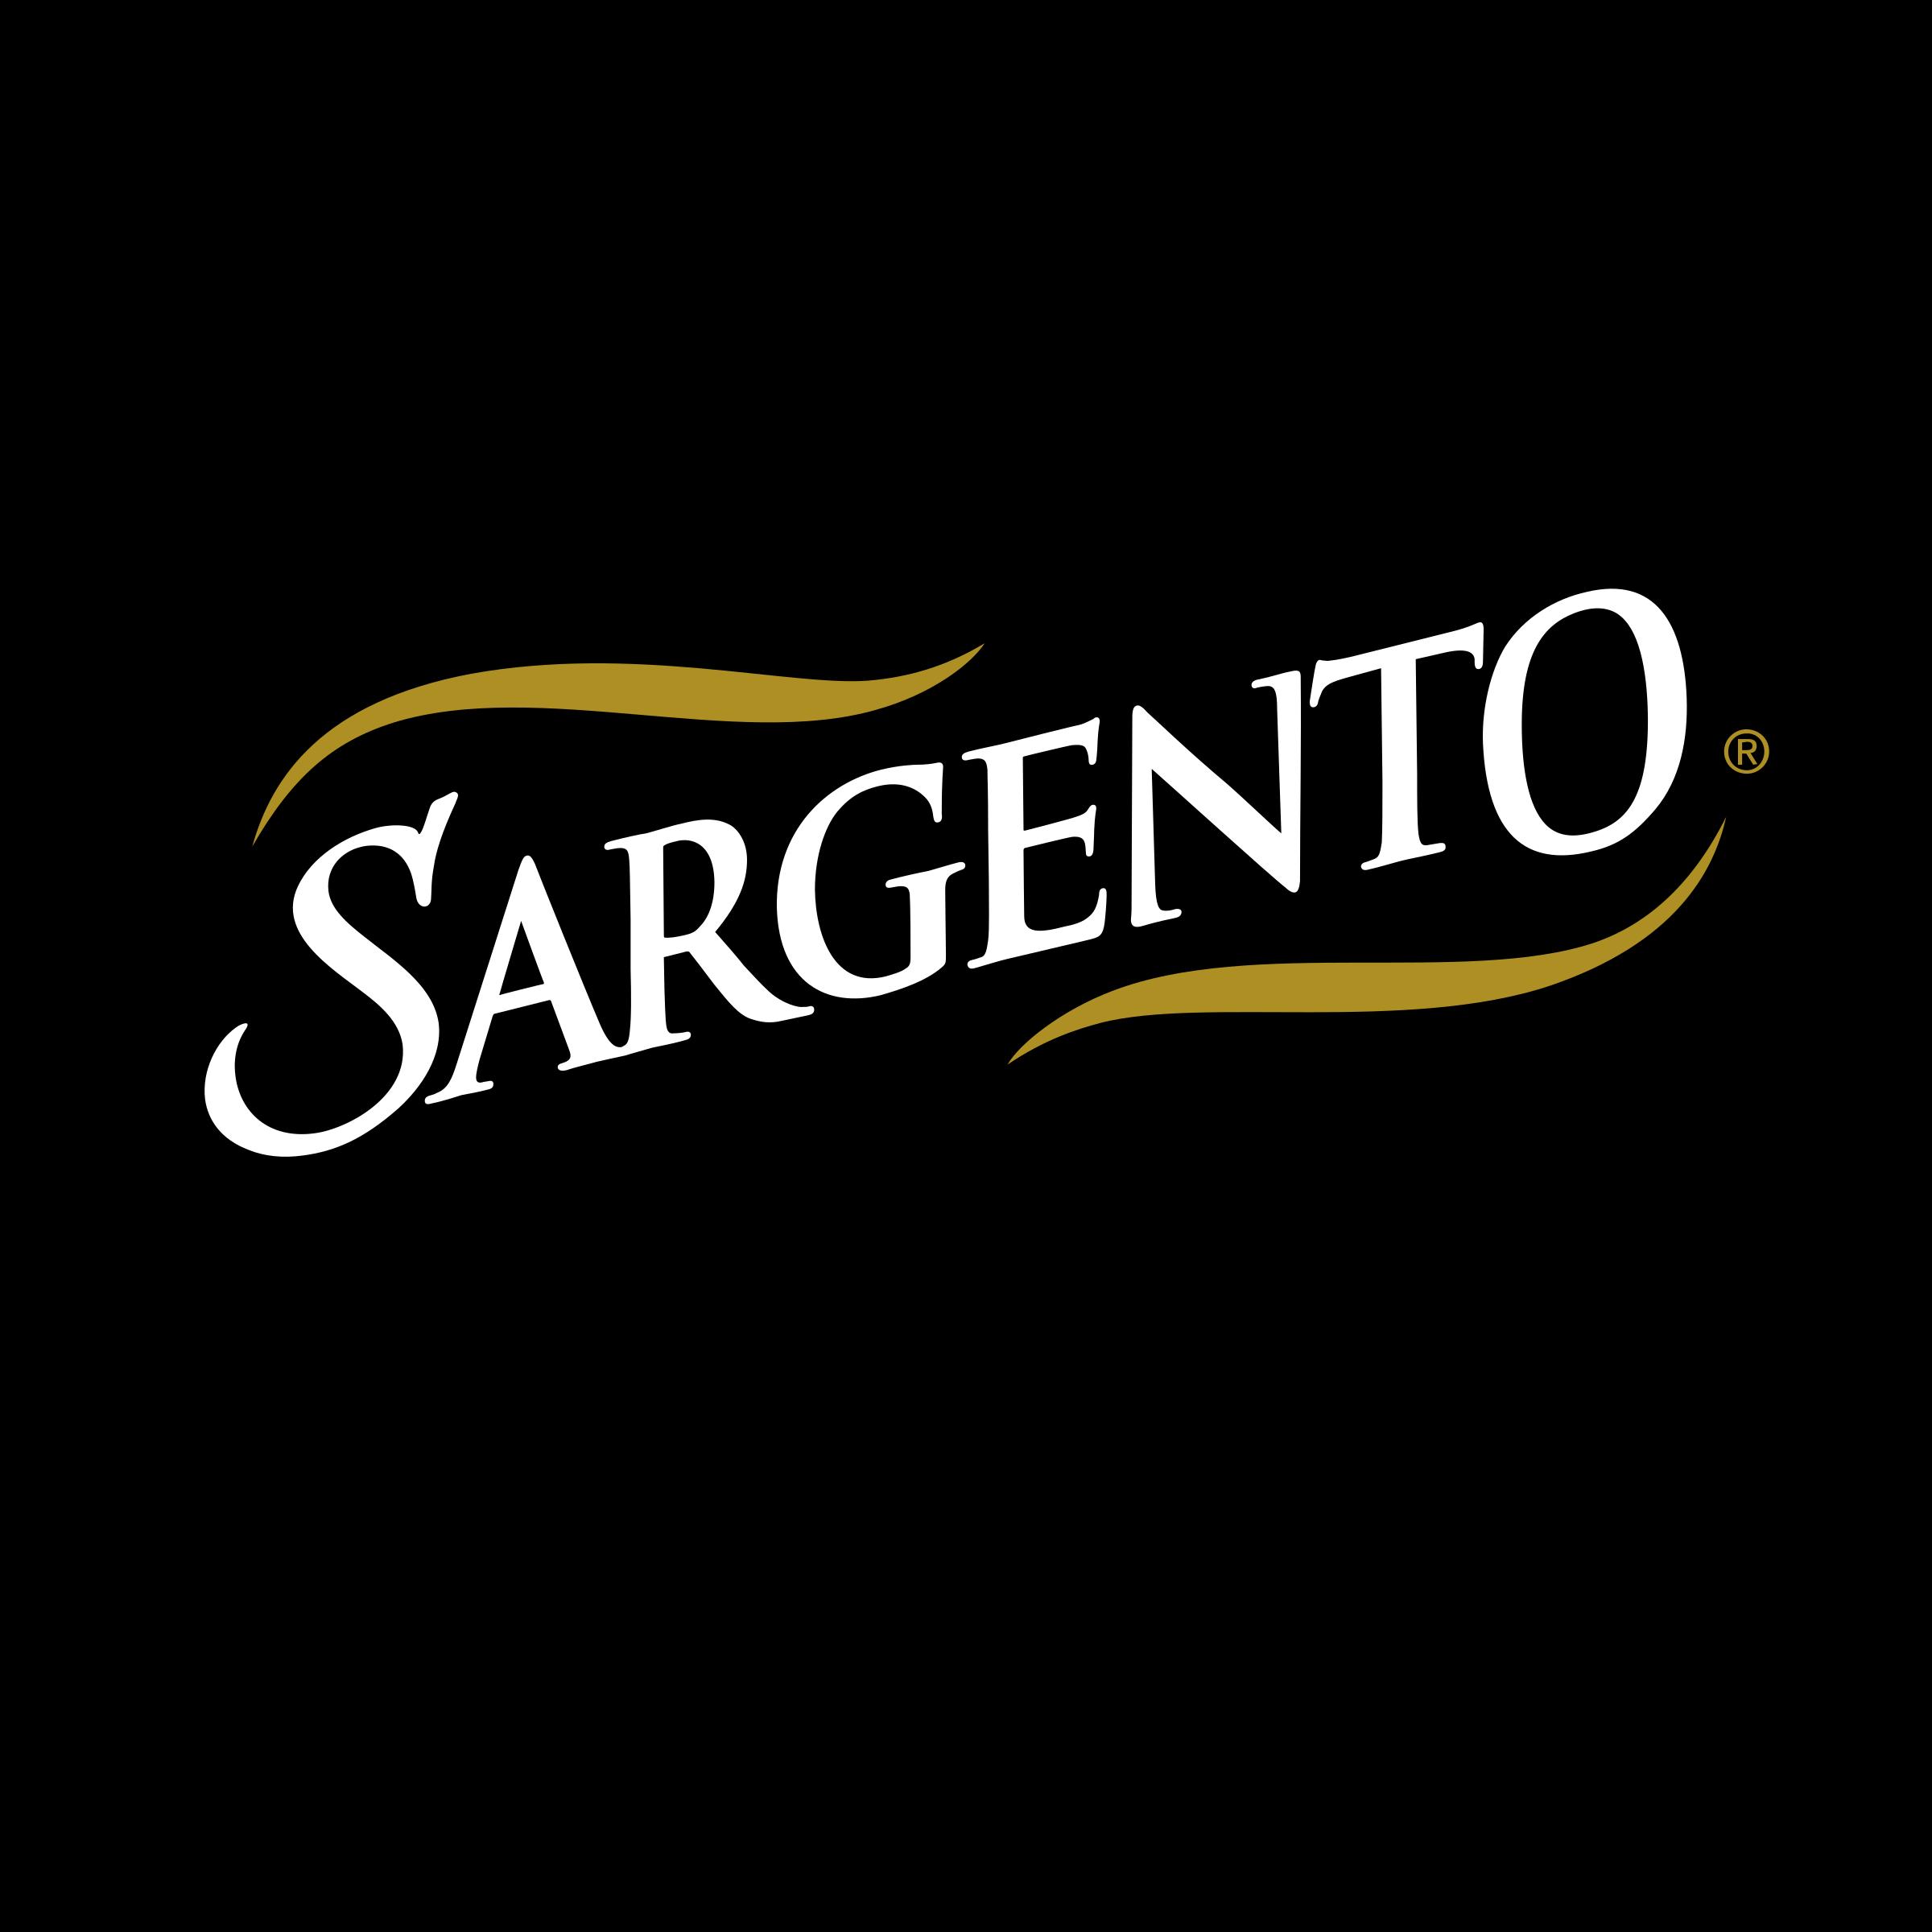 Sargento Logo PNG Transparent & SVG Vector.